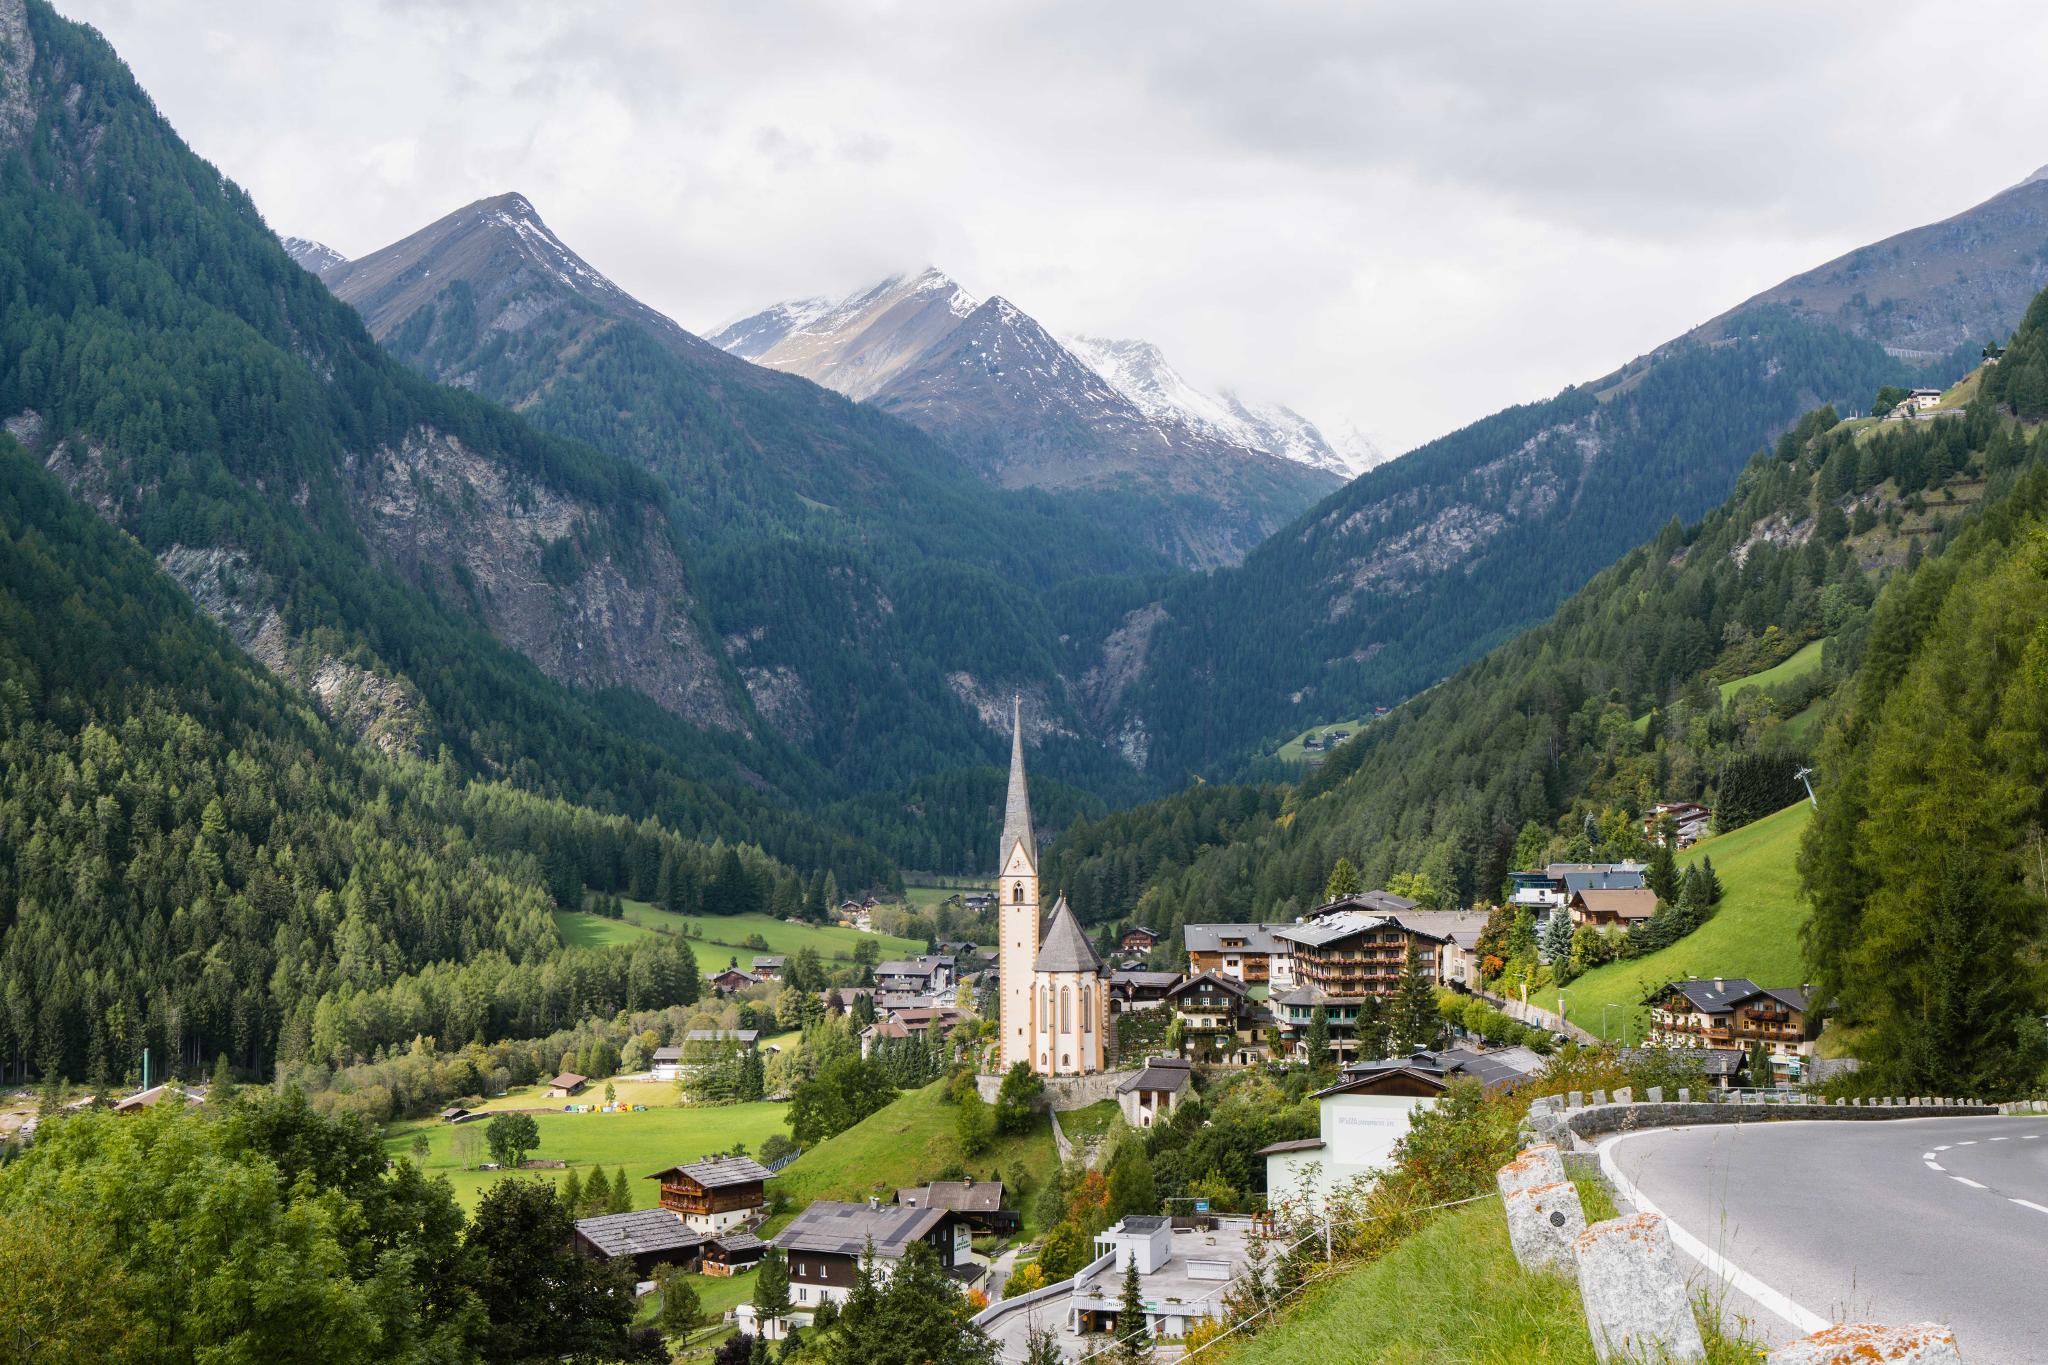 【奧地利】穿越阿爾卑斯之巔 — 奧地利大鐘山冰河公路 (Grossglockner High Alpine Road) 10